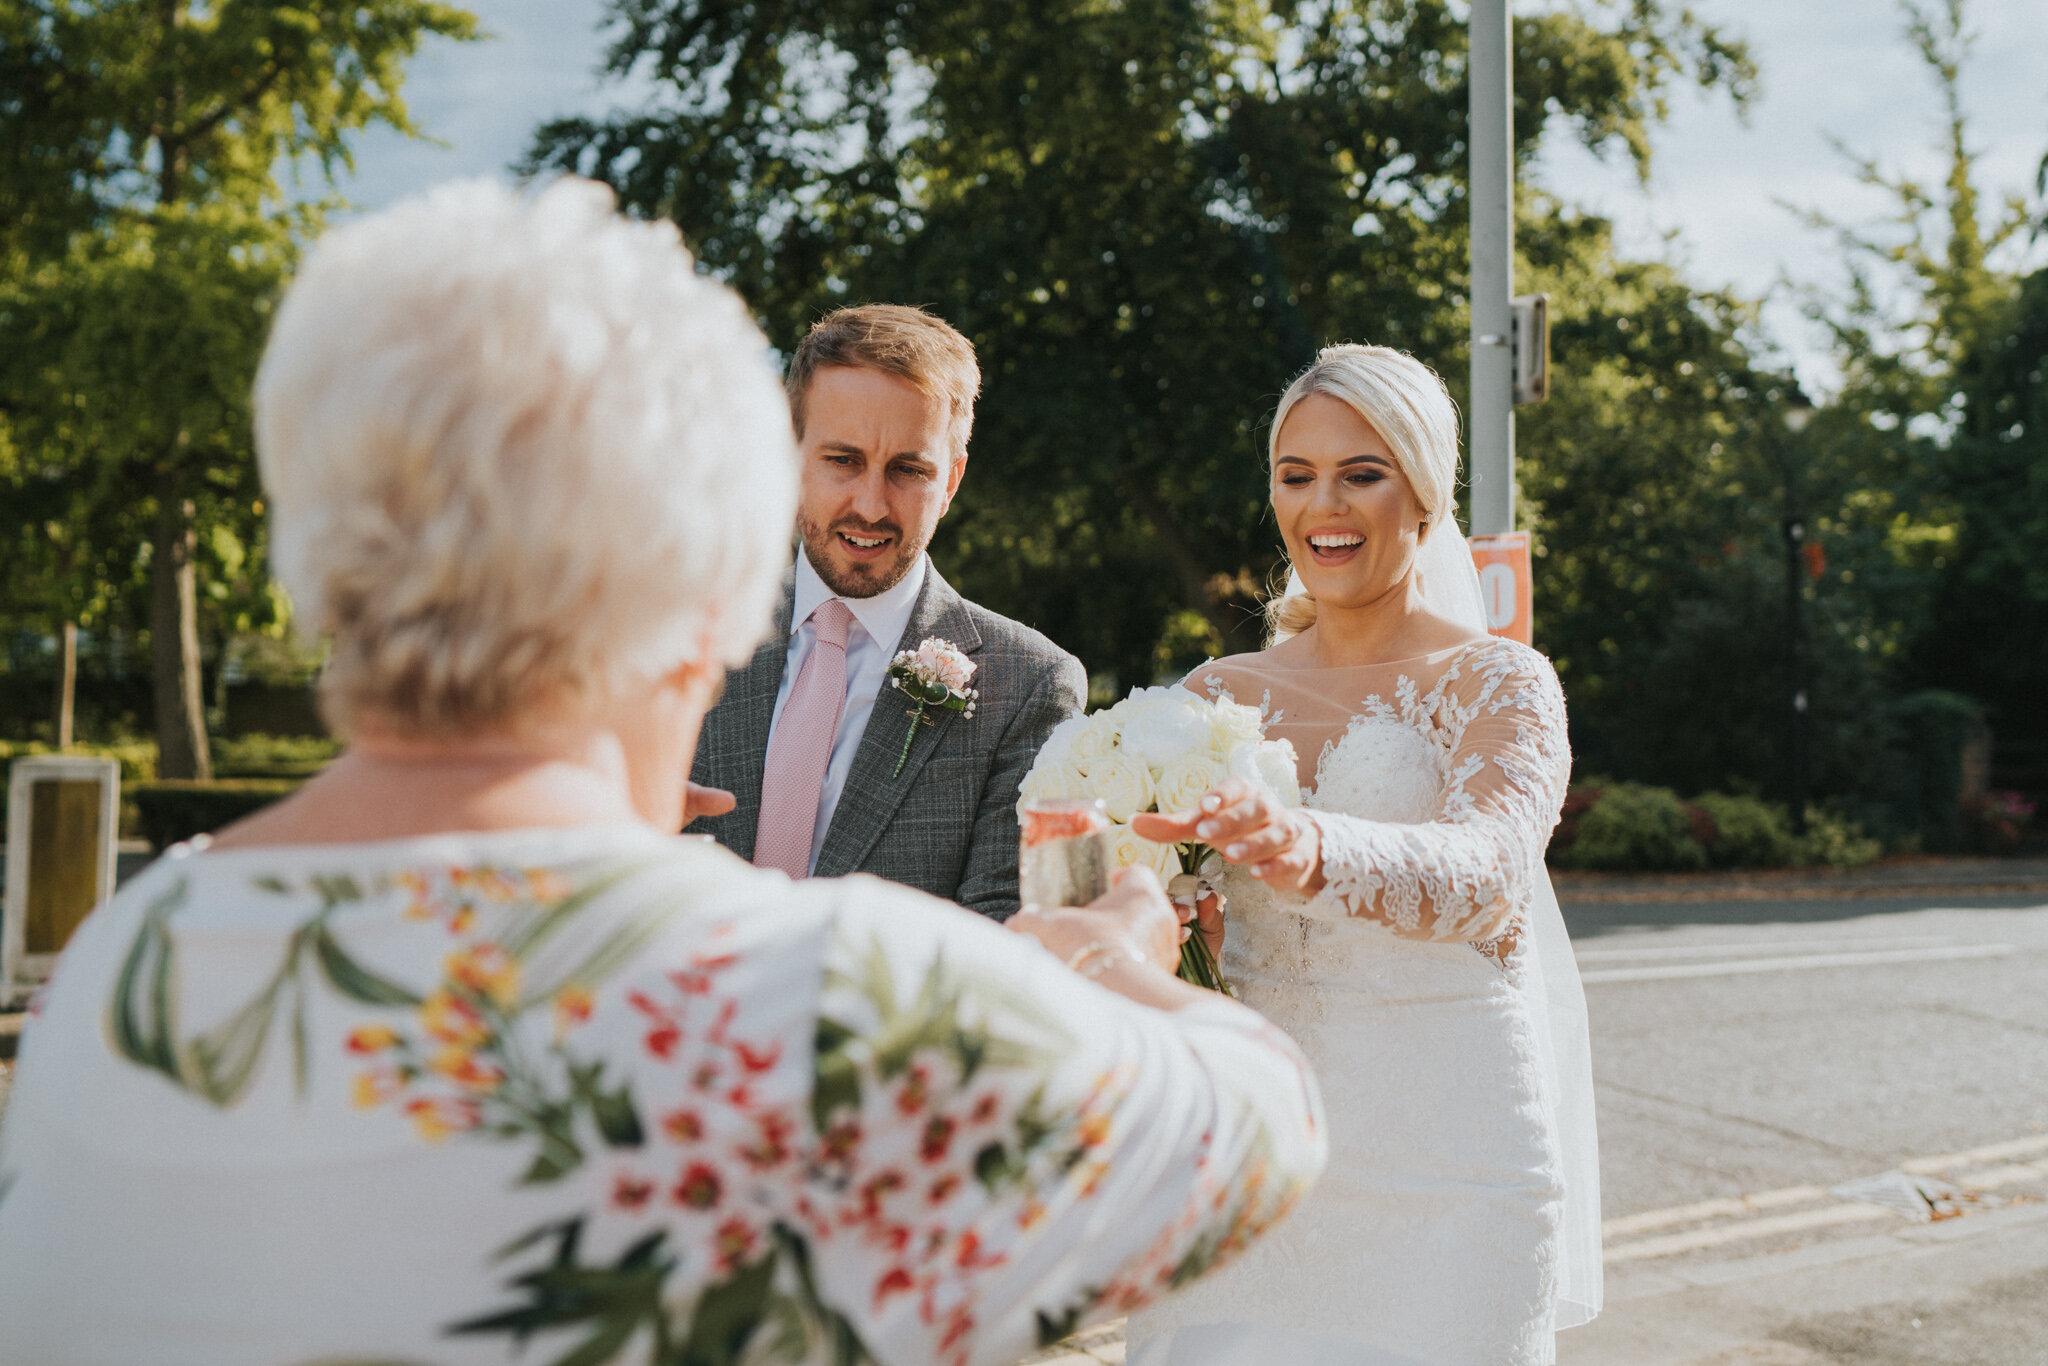 amy-ross-diy-garden-wedding-grace-elizabeth-colchester-essex-suffolk-devon-norfolk-wedding-lifestyle-photographer (1 of 2).jpg